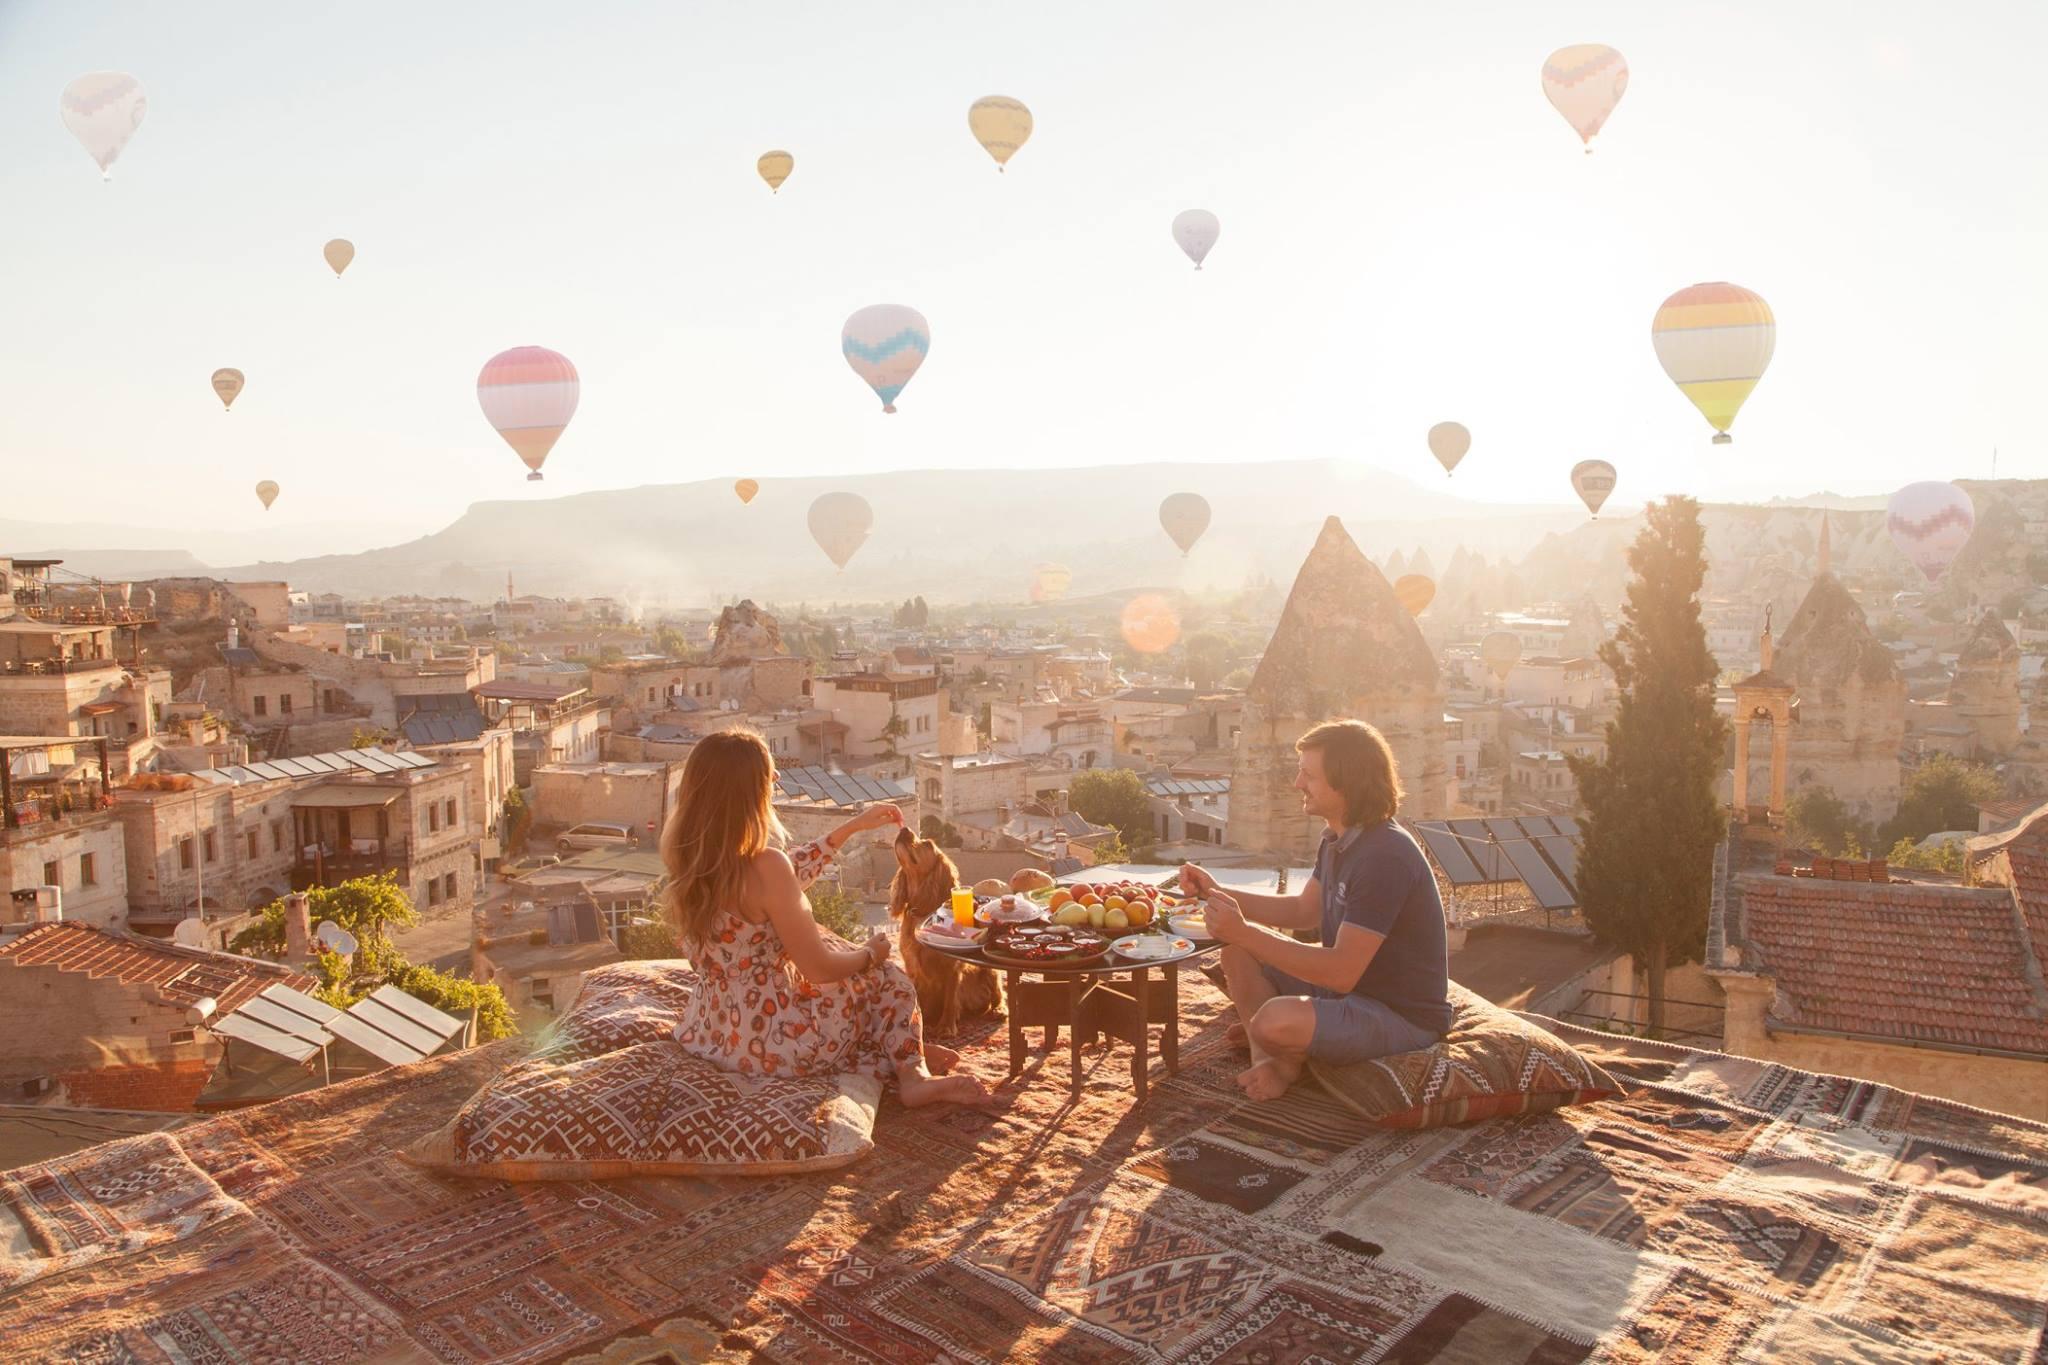 Ảnh bầu trời khinh khí cầu ở Thổ Nhĩ Kỳ